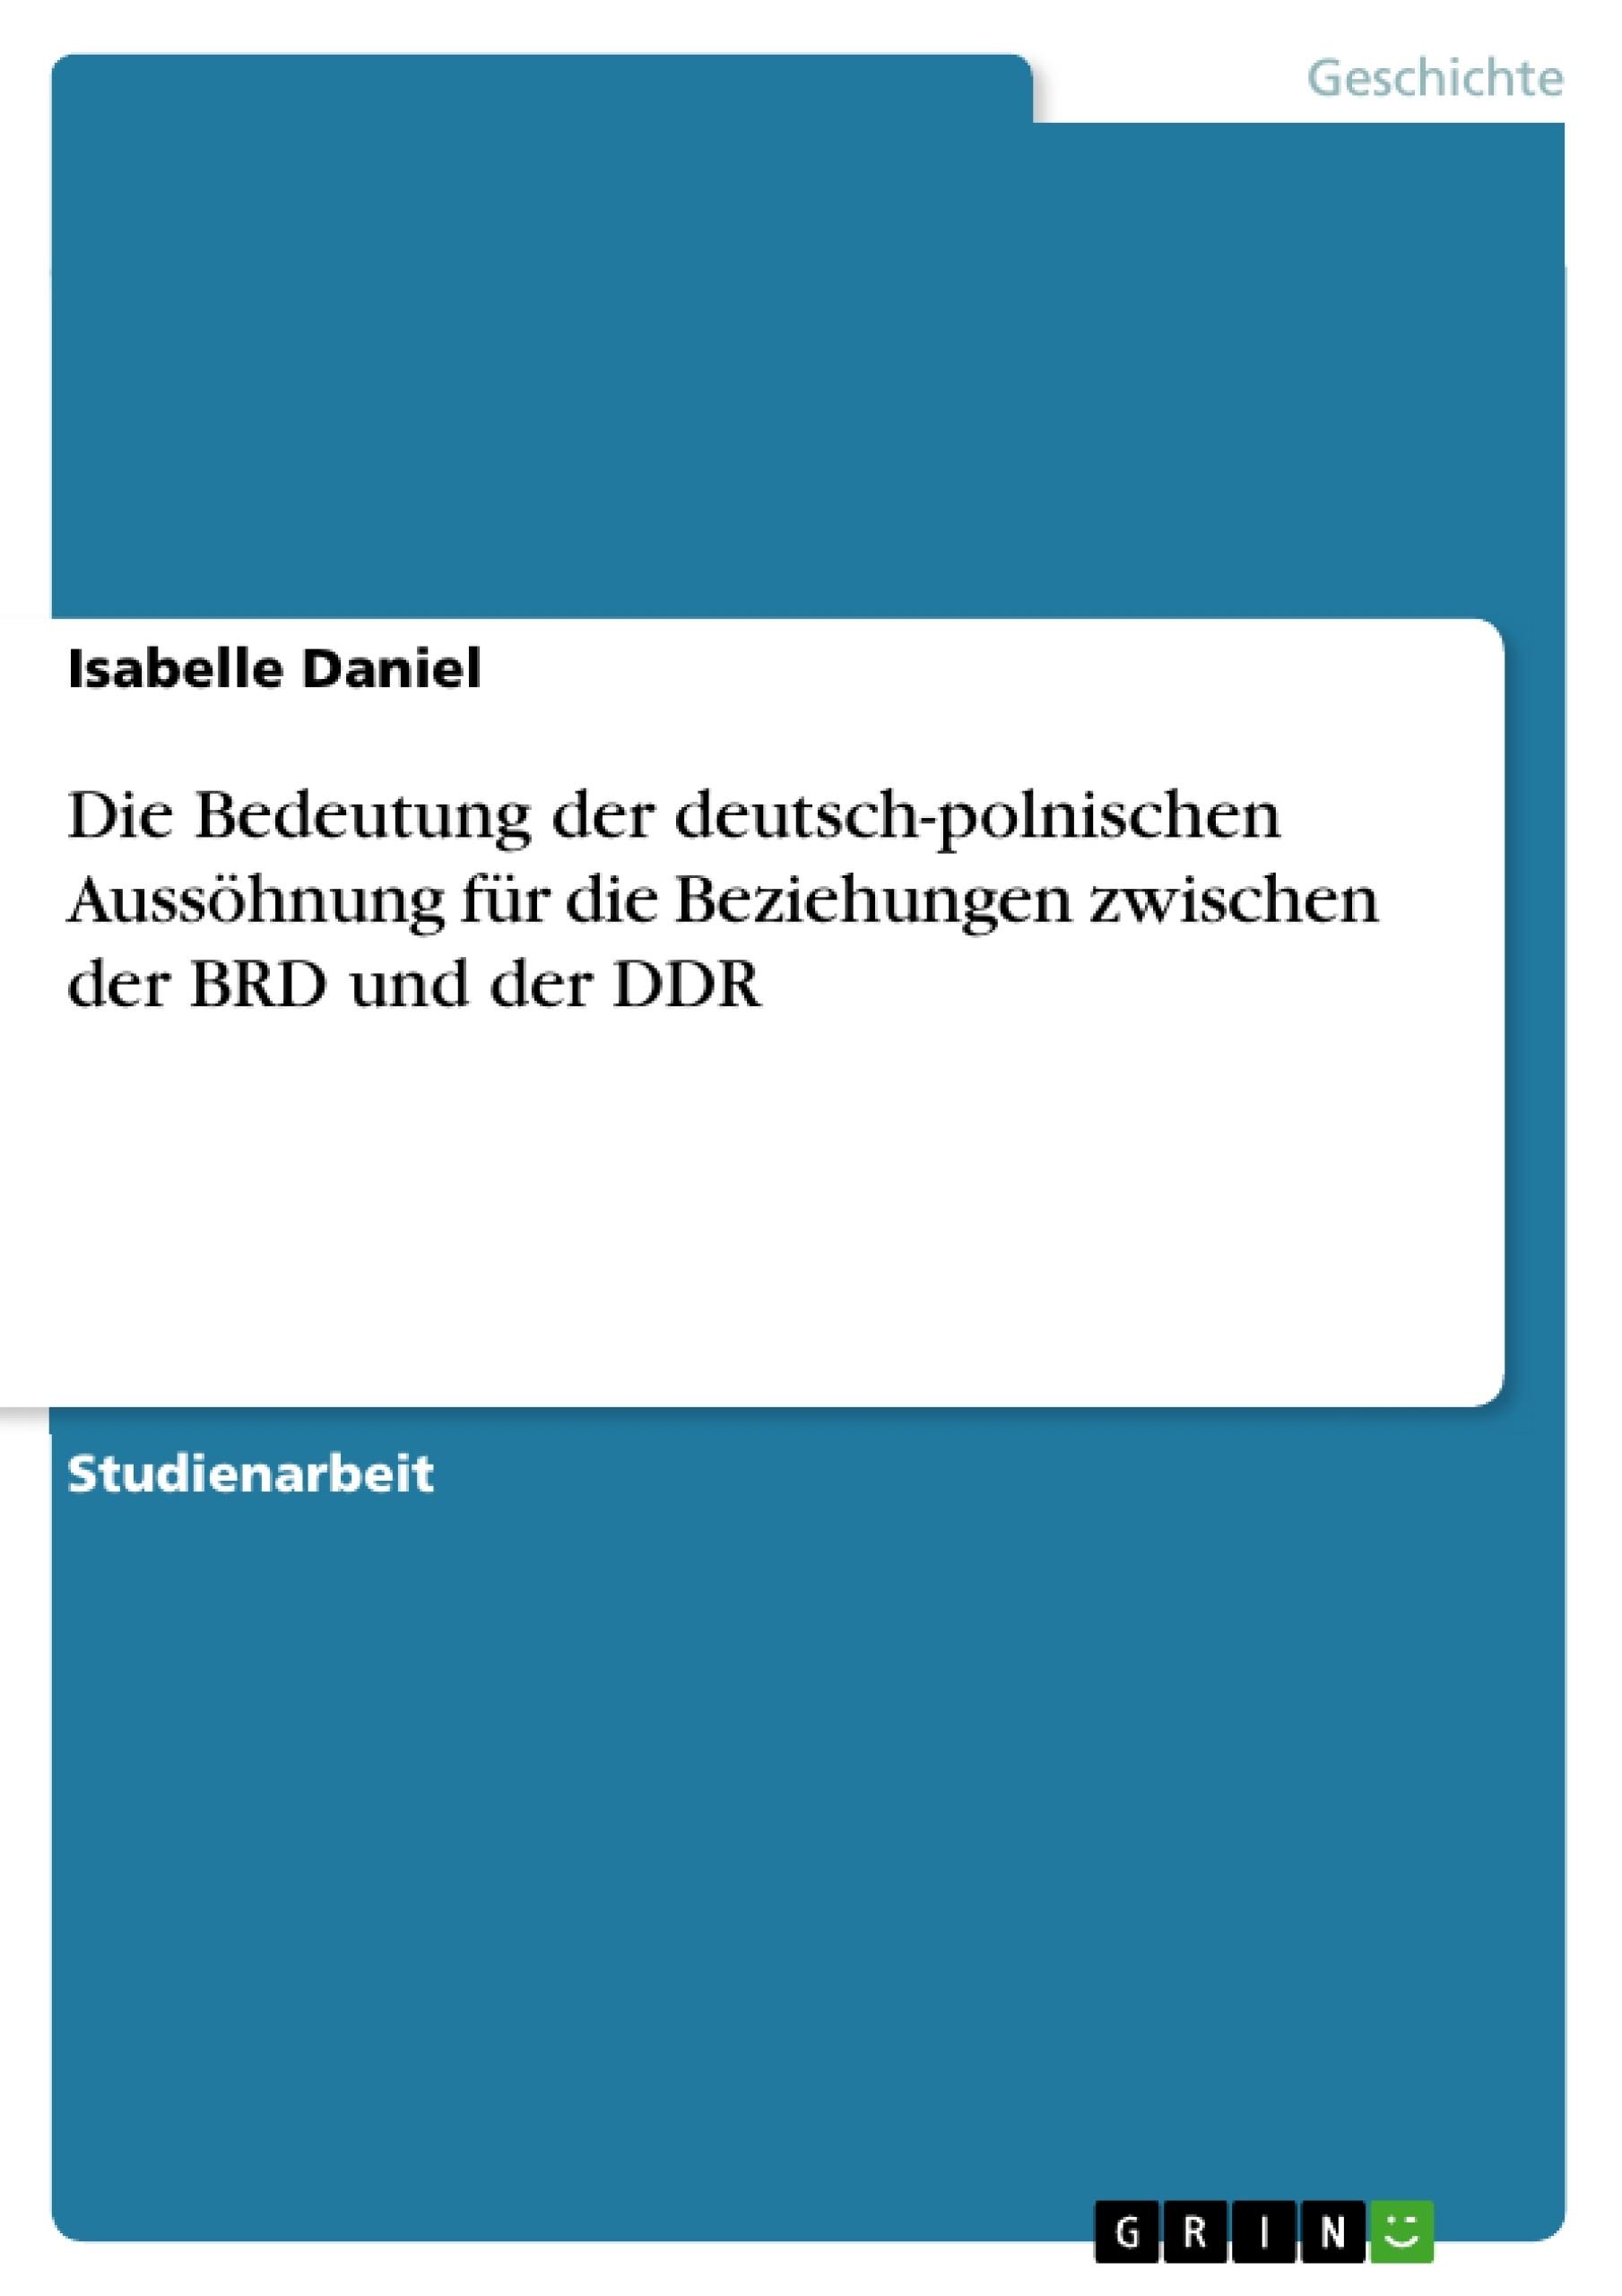 Titel: Die Bedeutung der deutsch-polnischen Aussöhnung für die Beziehungen zwischen der BRD und der DDR